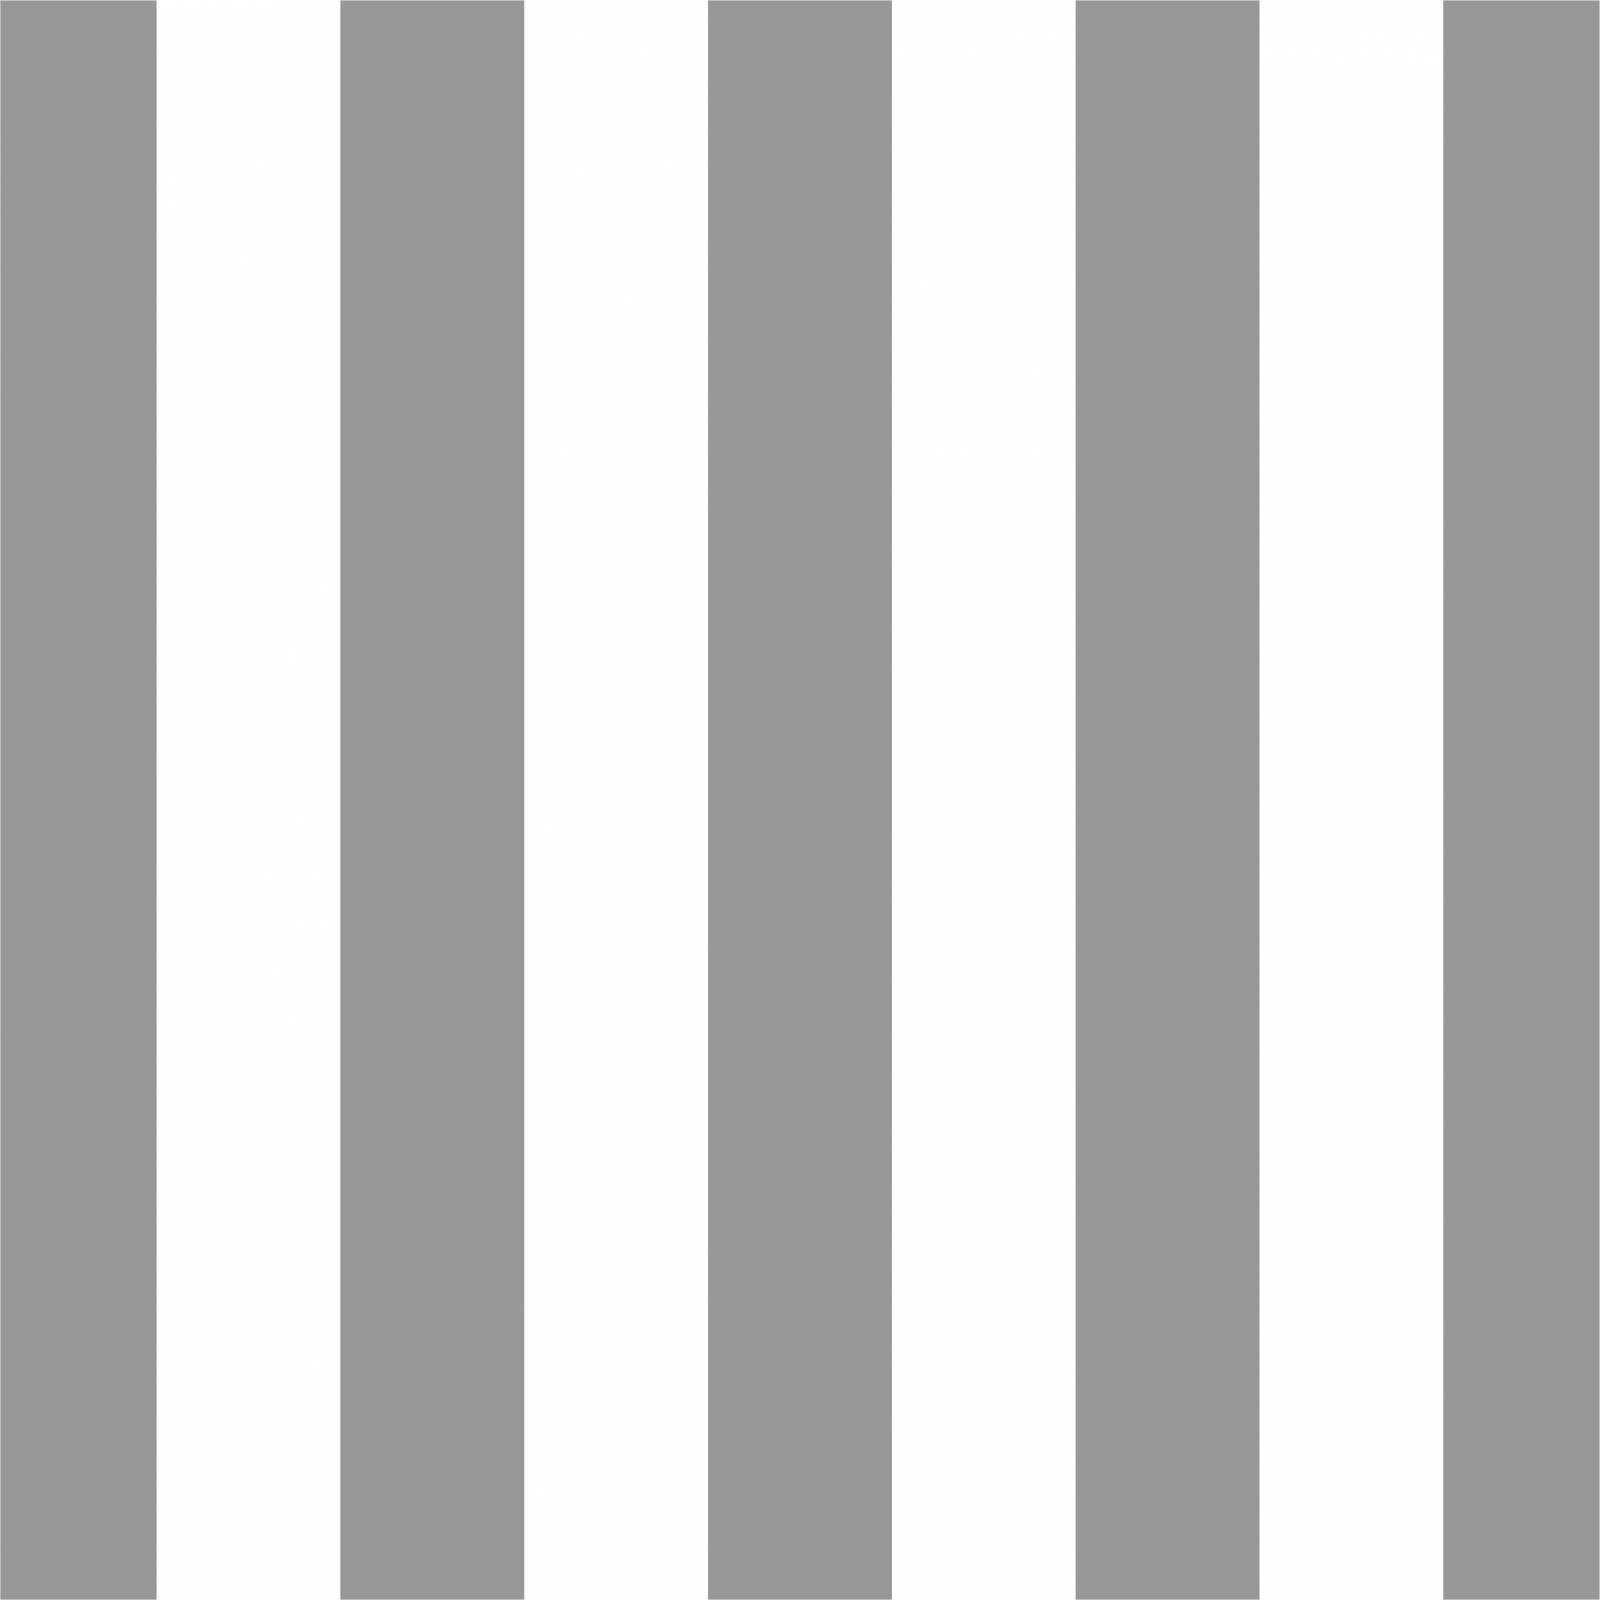 Papel de Parede Listrado Cinza | Adesivo Vinilico imagem 1